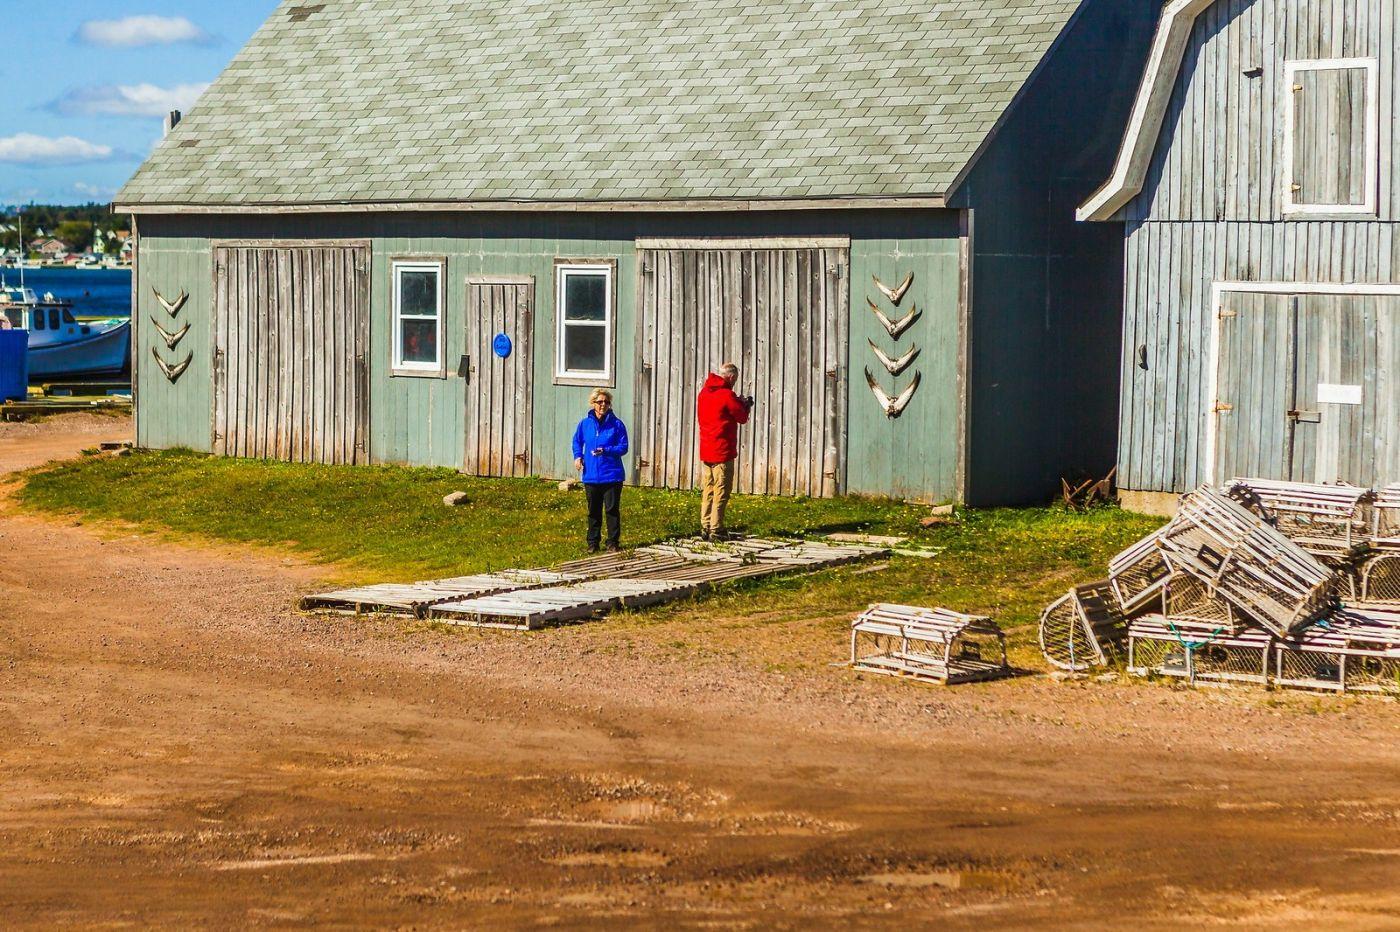 加拿大旅途,沿途即景_图1-29